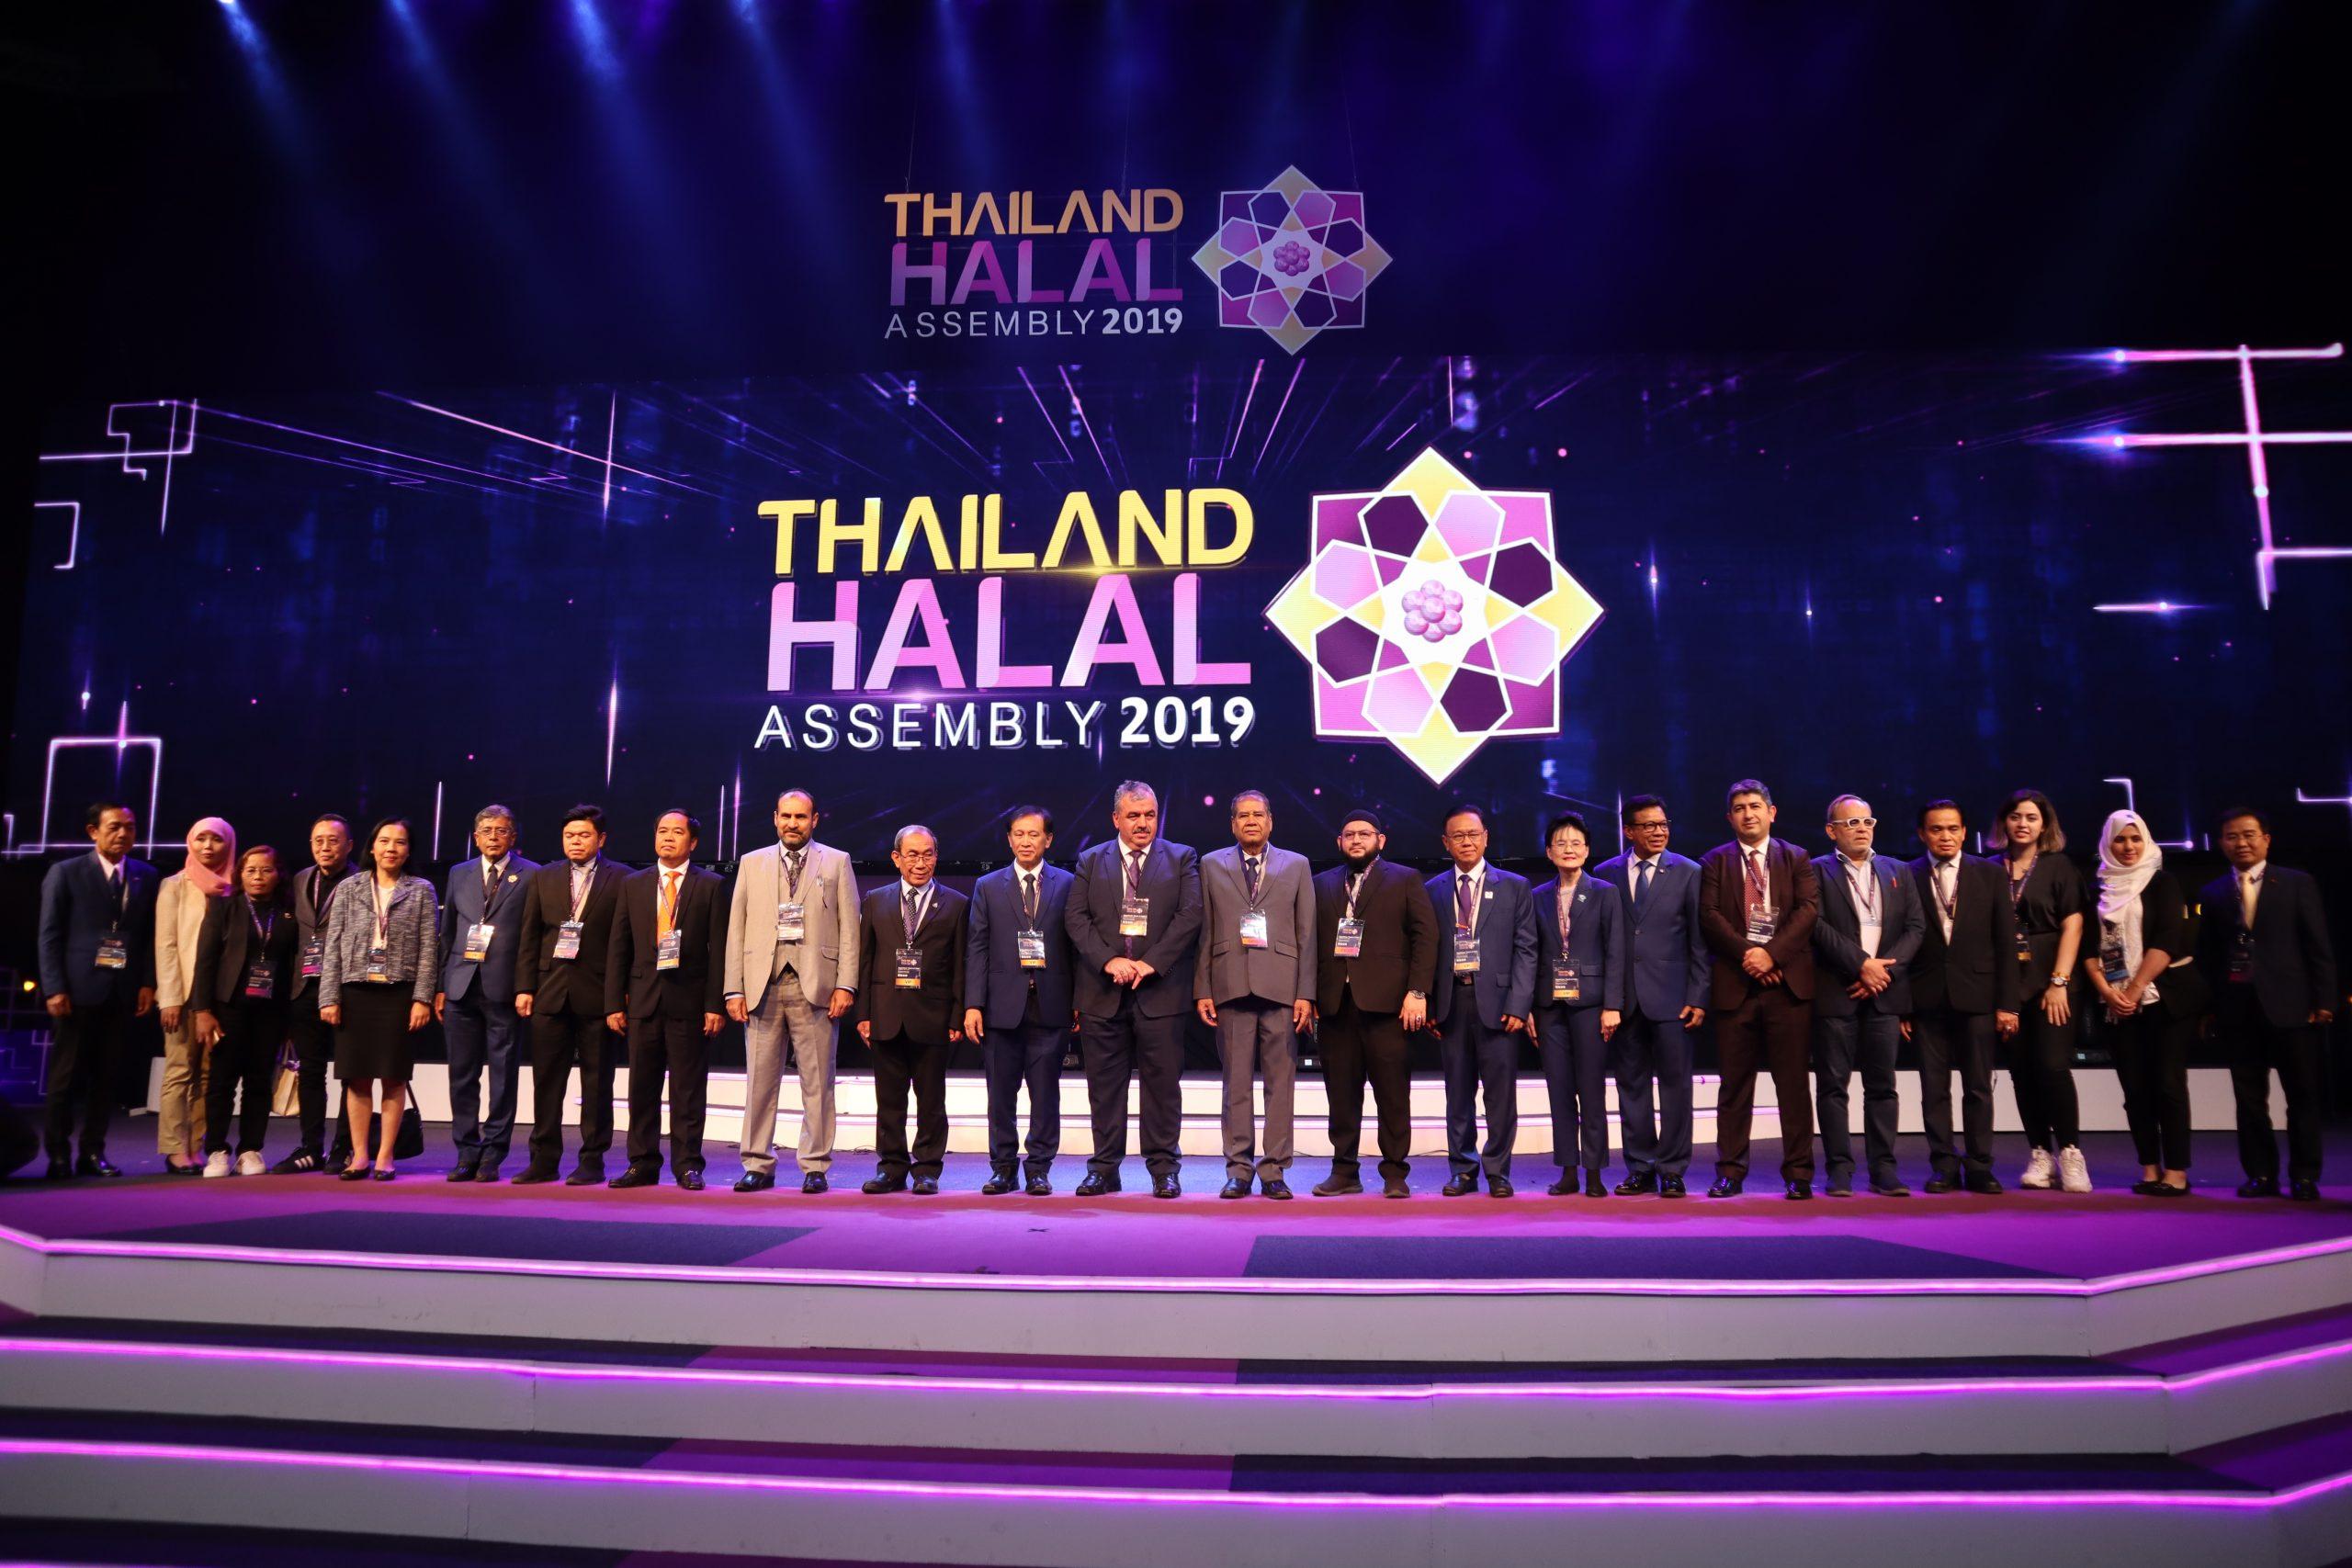 Thailand Halal Assembly 2019 | Bangkok